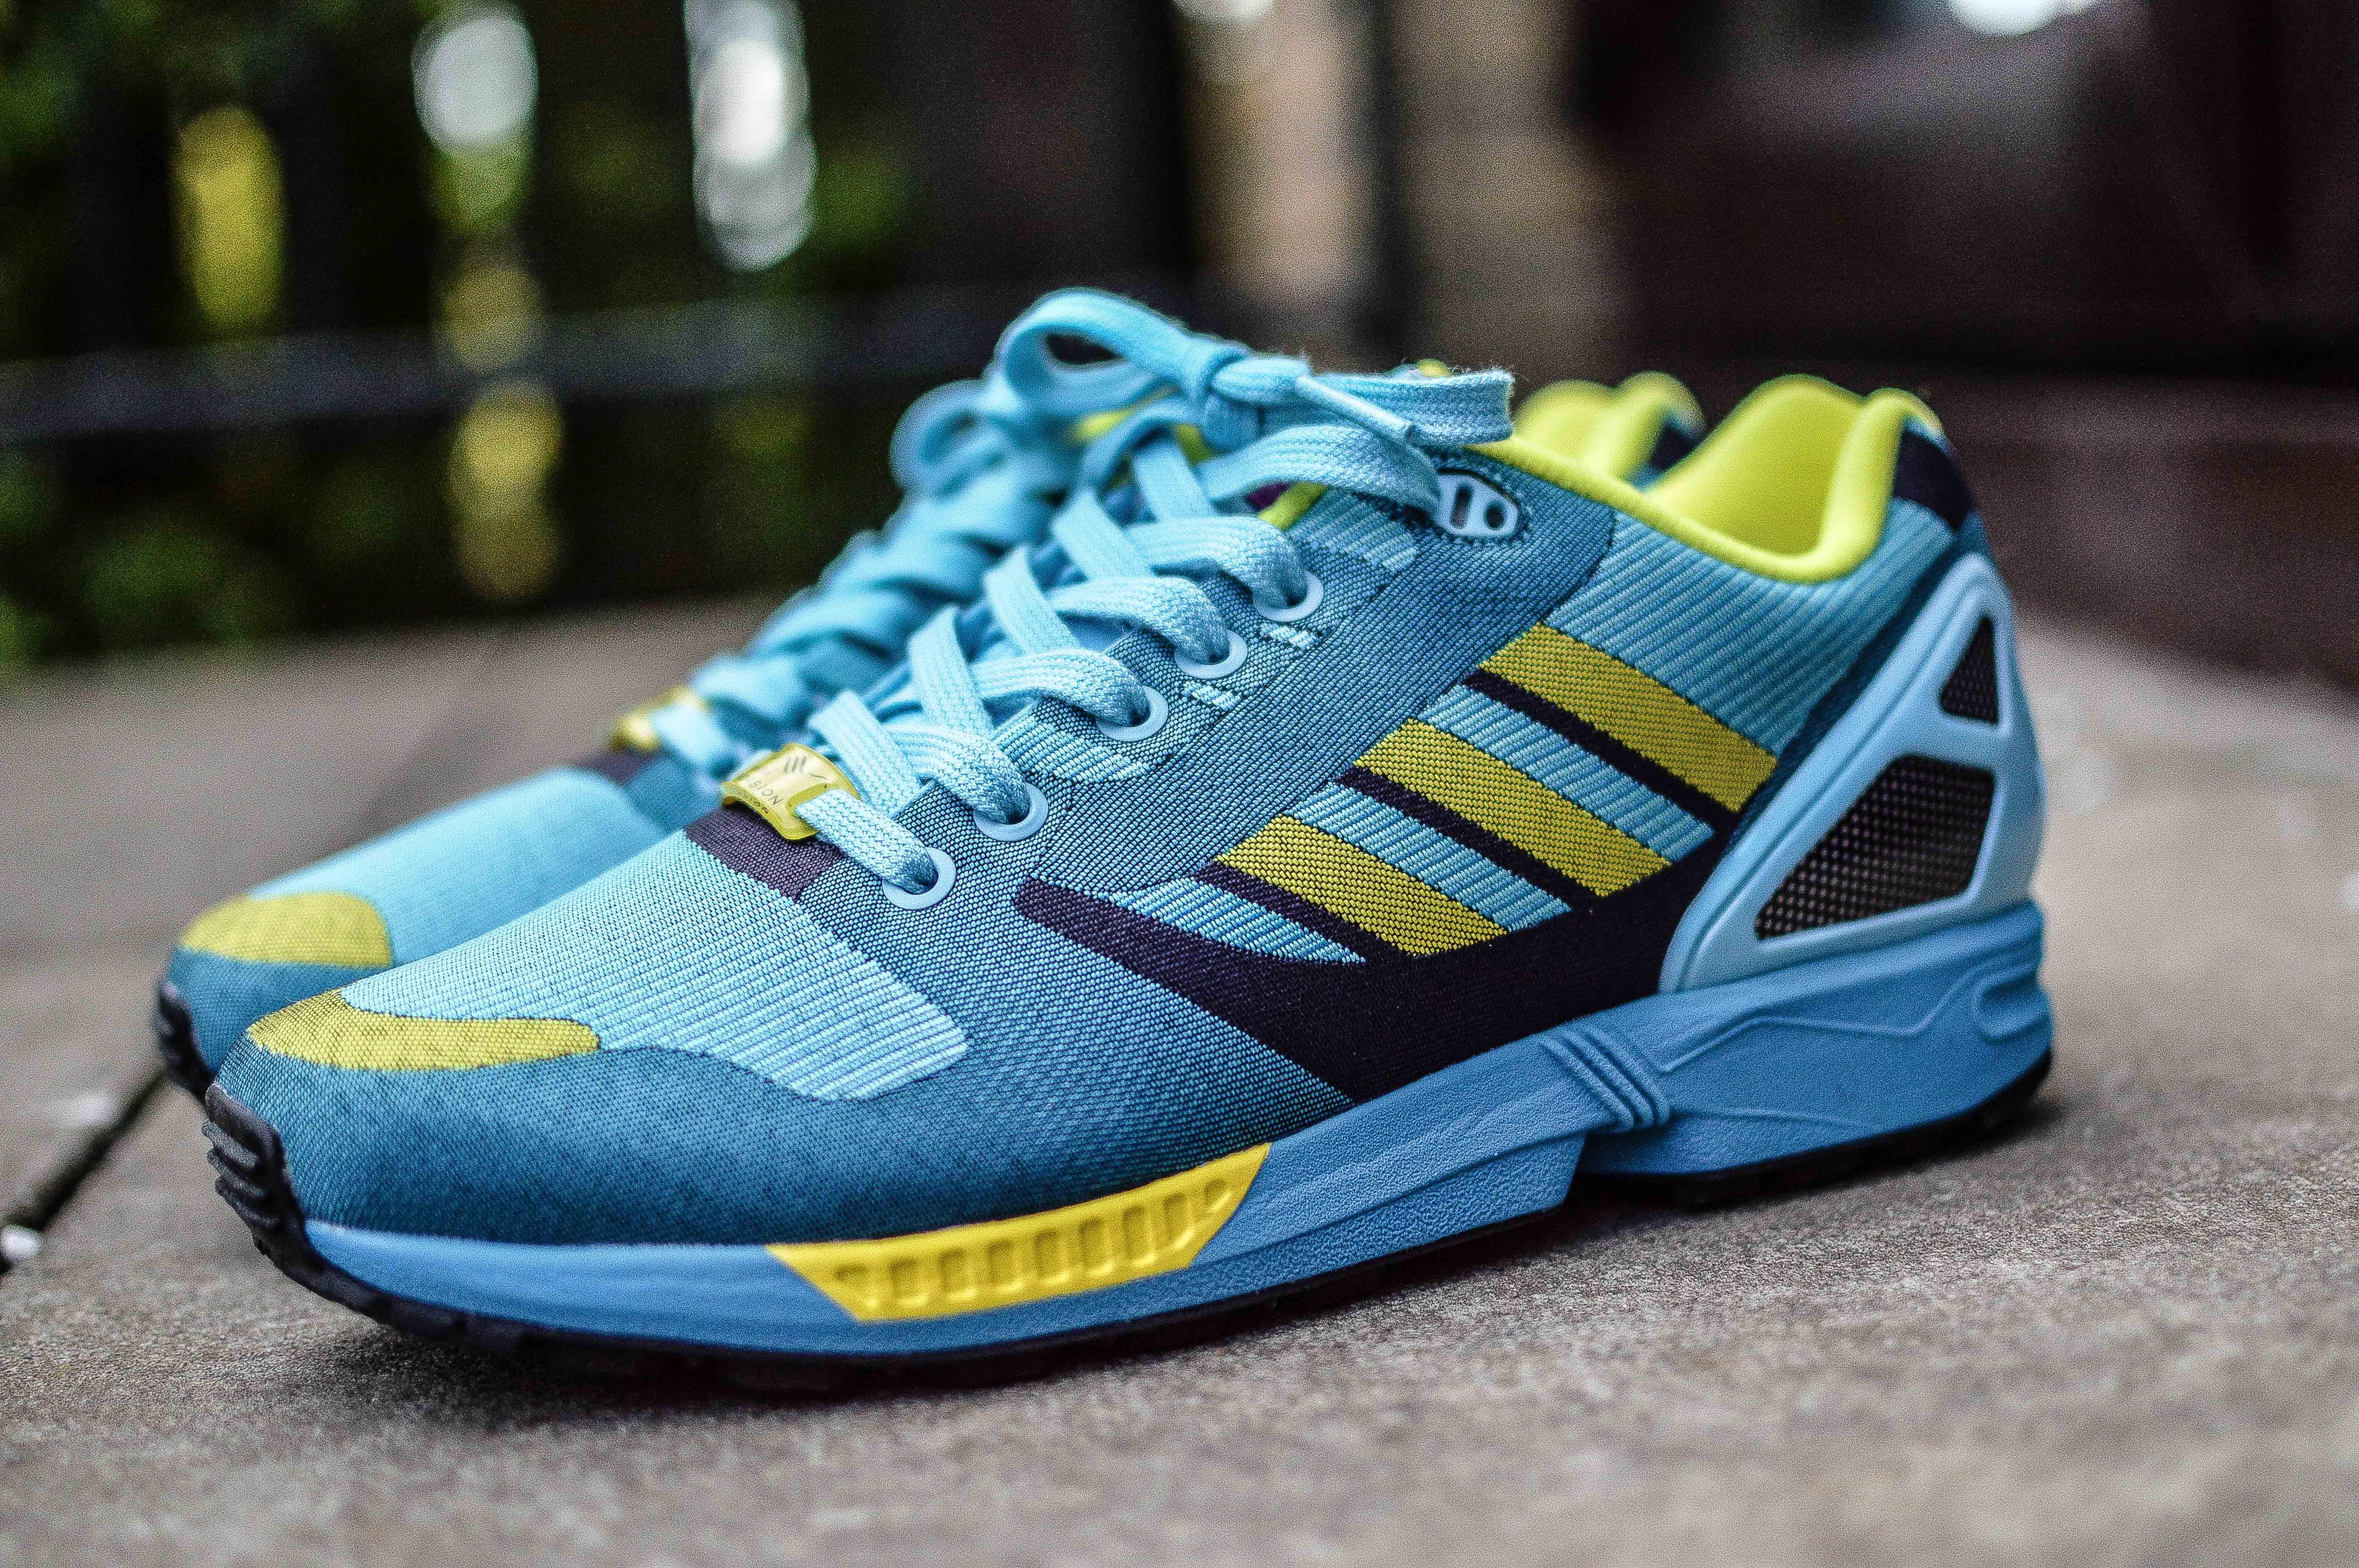 Adidas Zx 8000 Aqua Tessere n3Bzg2EZm